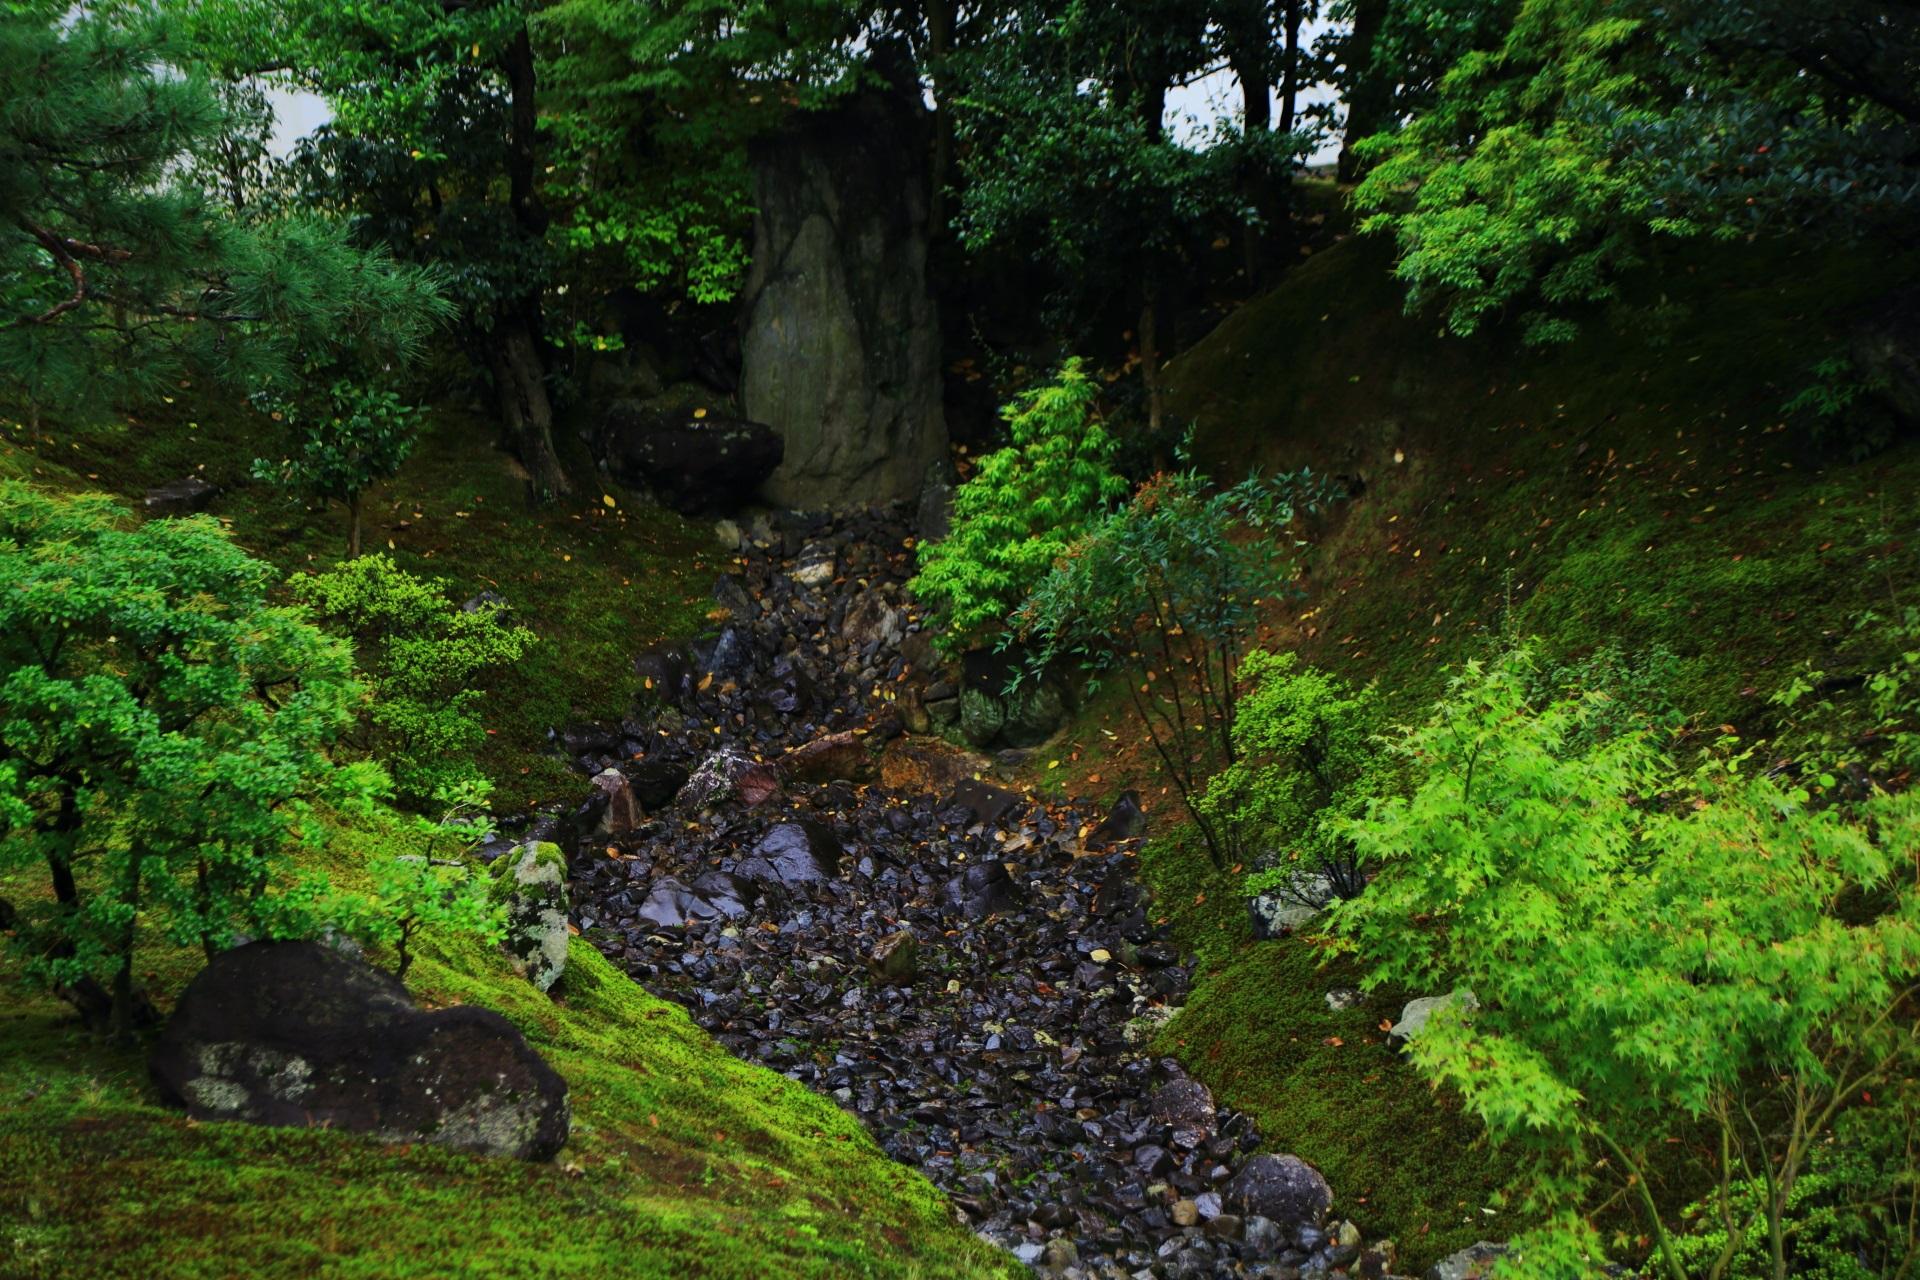 裏方丈庭園の枯流の滝